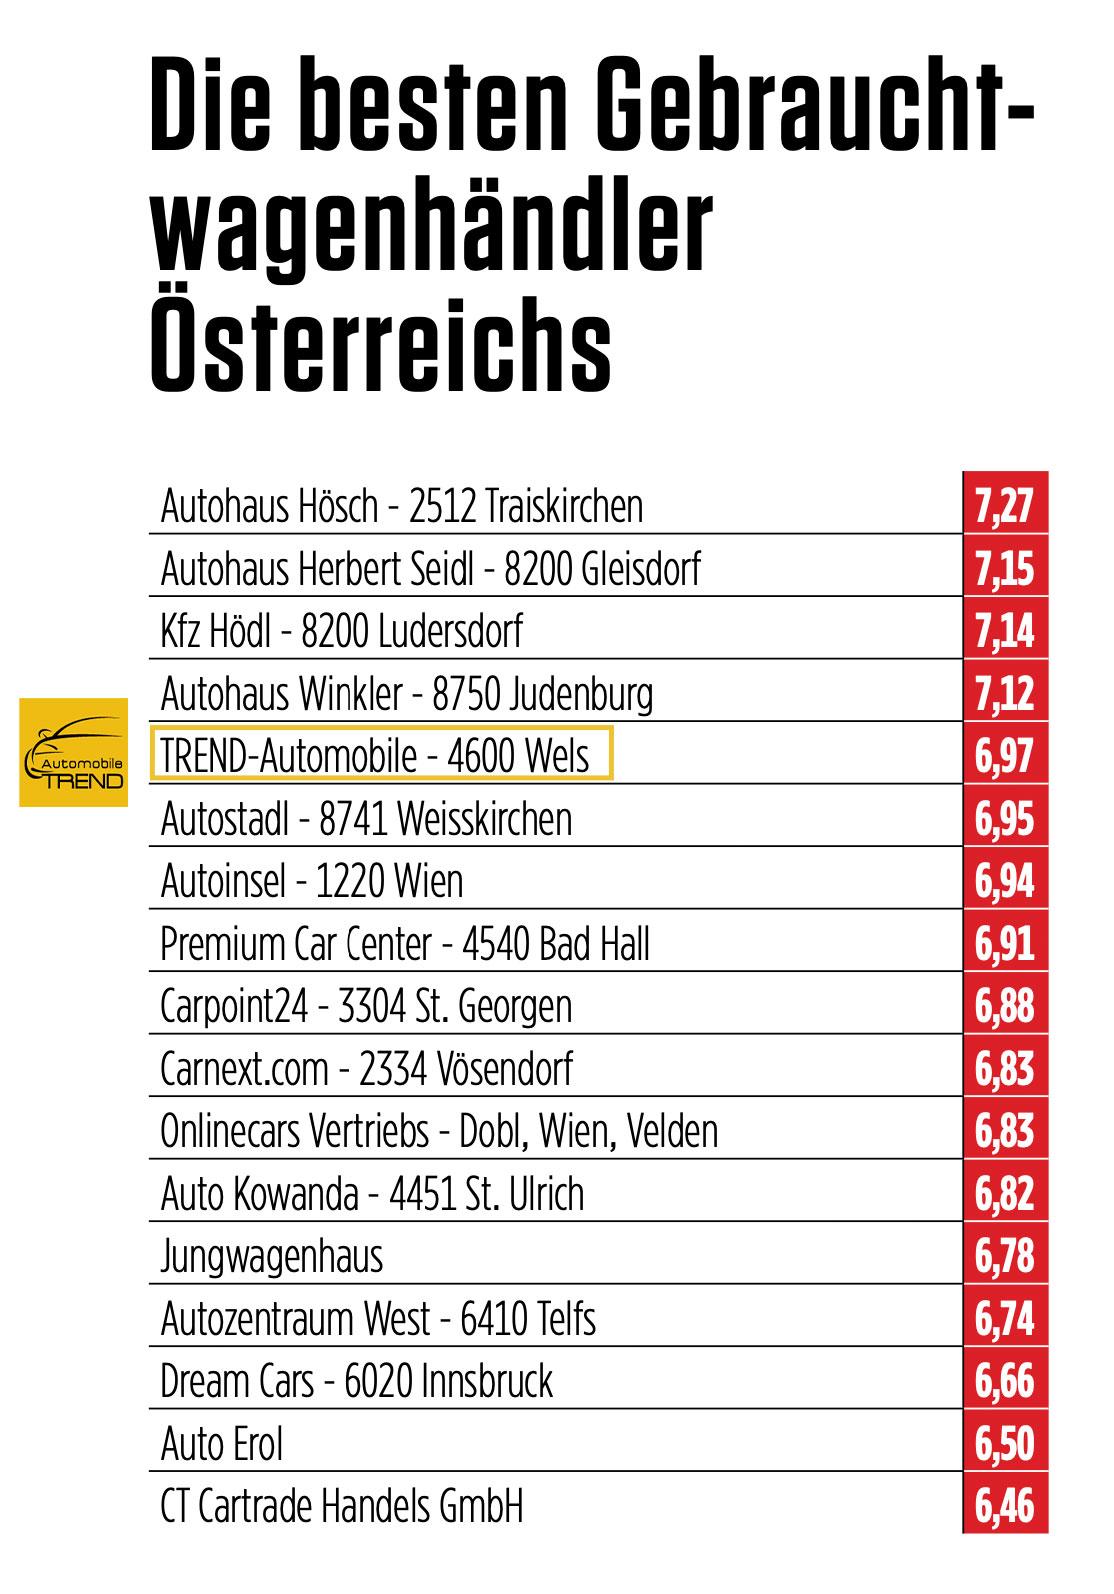 TOP GEBRAUCHTWAGENMALL BEFRAGUNG 05/2021 - TREND AUTOMOBILE Platz 5